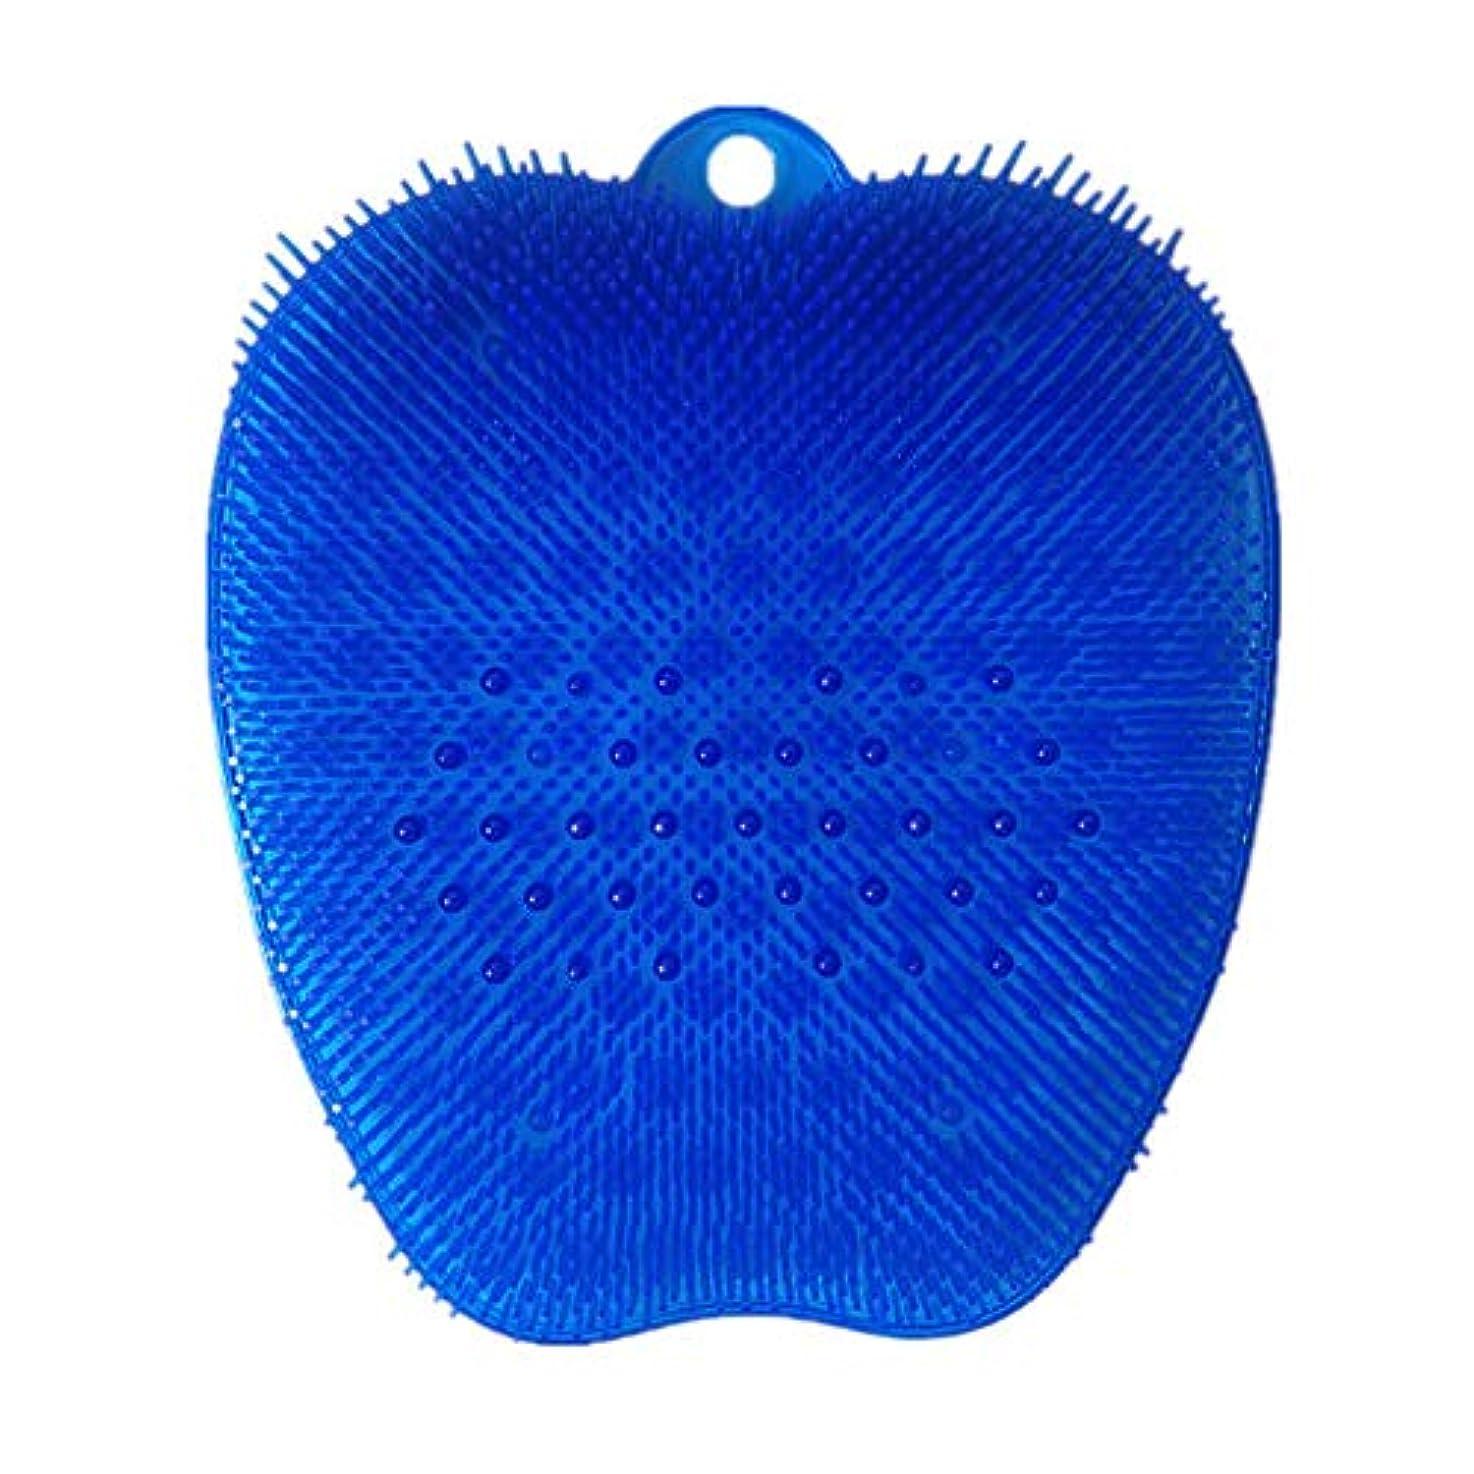 打撃失望させる喉頭足洗いブラシ 滑らない吸盤付き ブルー フットケア フットブラシ 角質ケアブラシ お風呂で使える